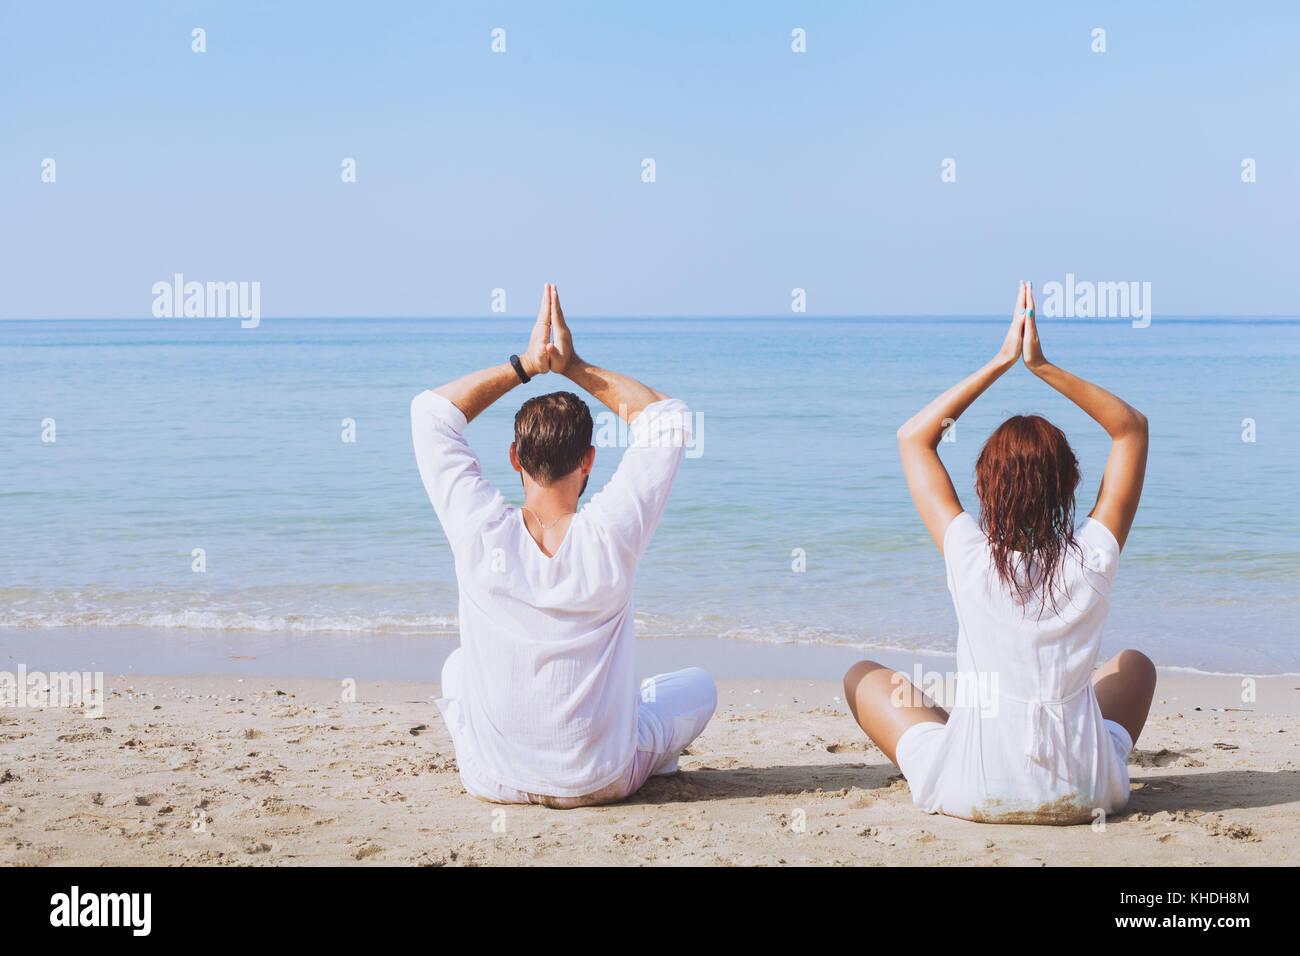 Yoga sur la plage, deux personnes en habits blancs pratiquant la méditation, l'arrière-plan de vie sain Banque D'Images